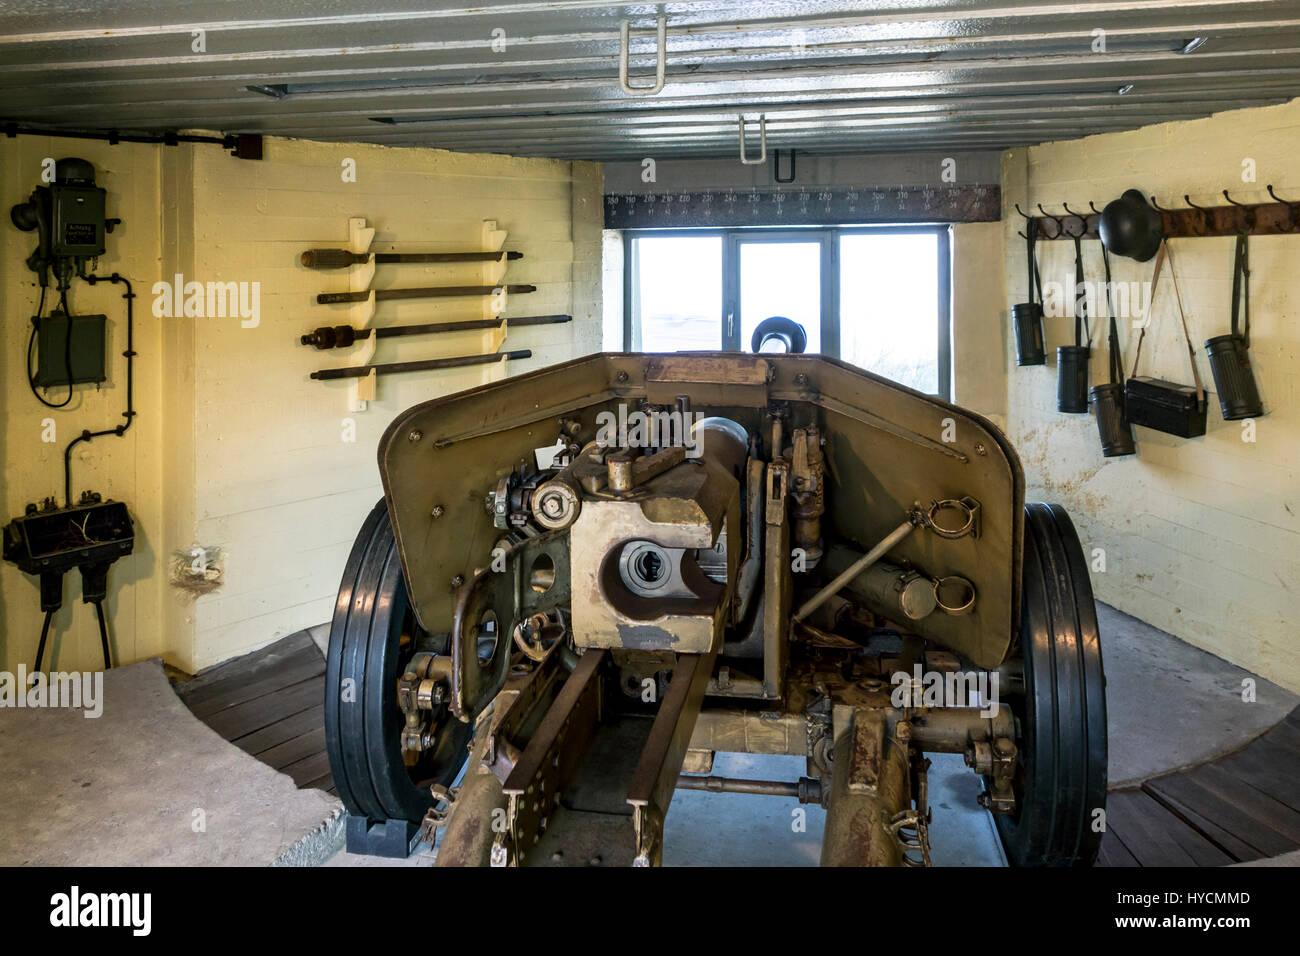 German 50 Mm Anti Tank Gun: German WWII Pak 40 75 Mm Anti-tank Gun In Bunker At